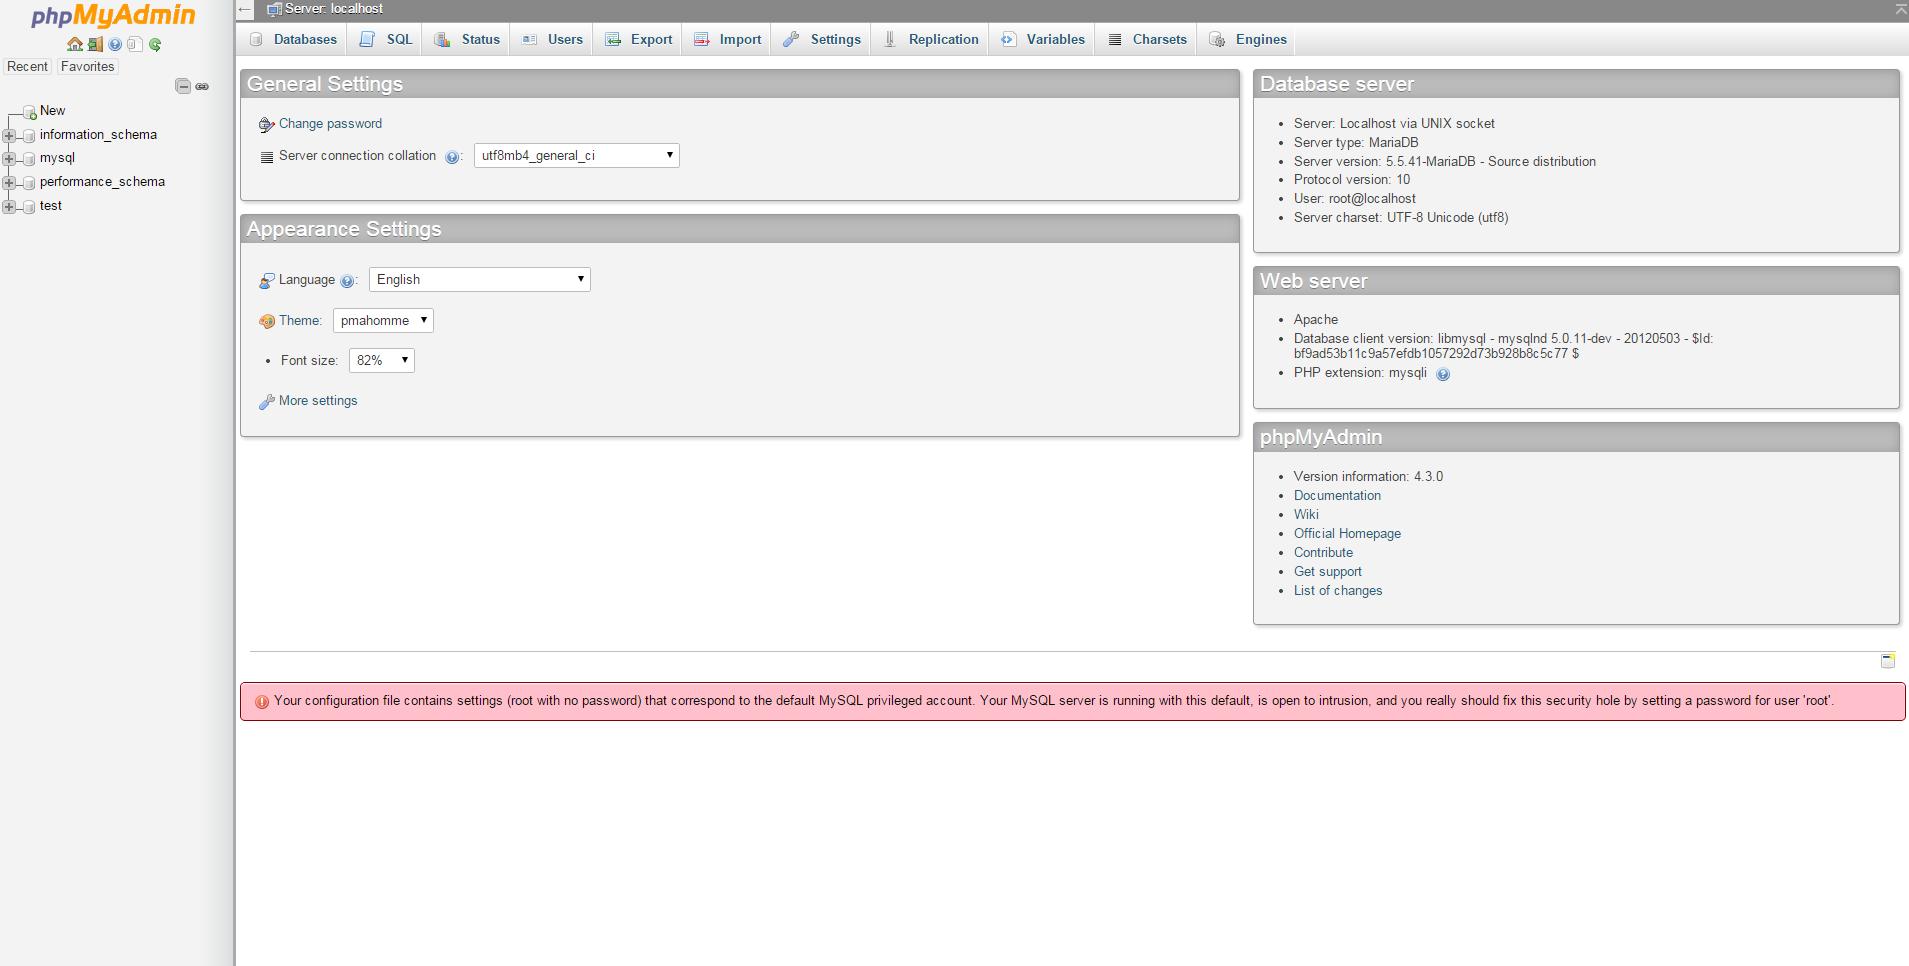 Verwalten Von Mysqlmariadb Datenbanken Mit Ihrem Synology Nas Mit